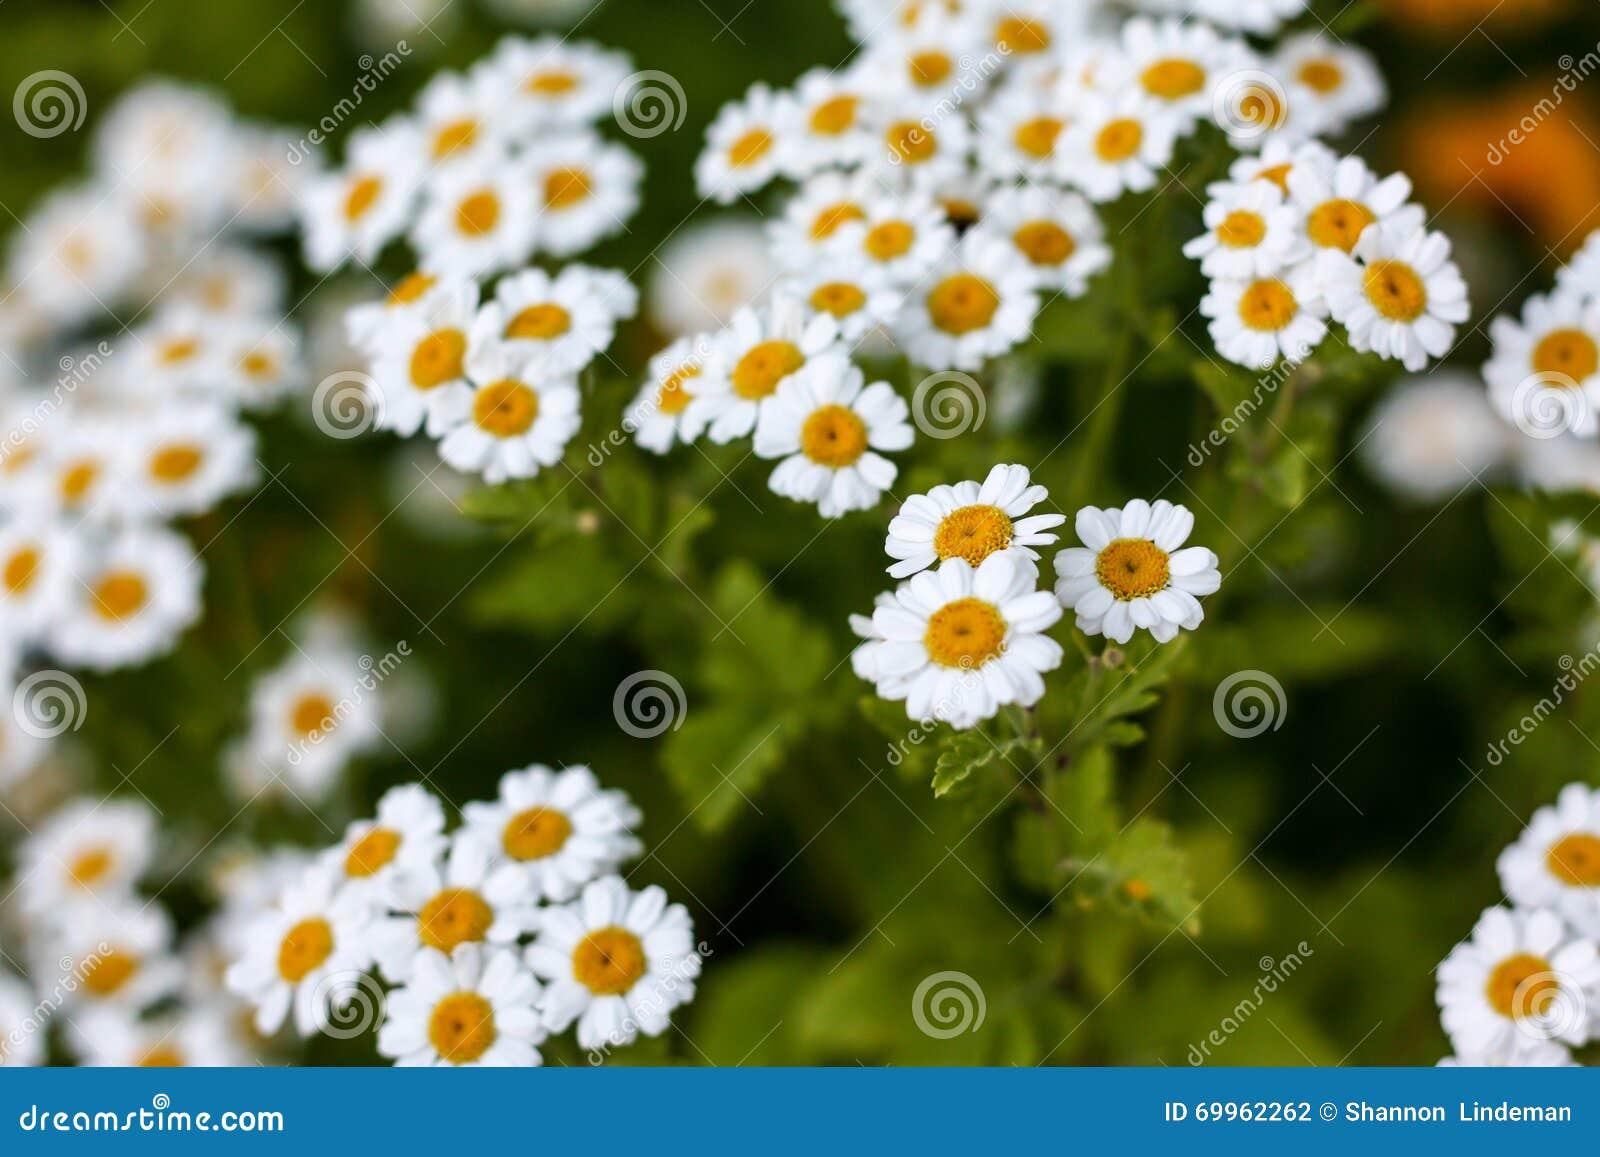 Άσπρο λουλούδι της Daisy